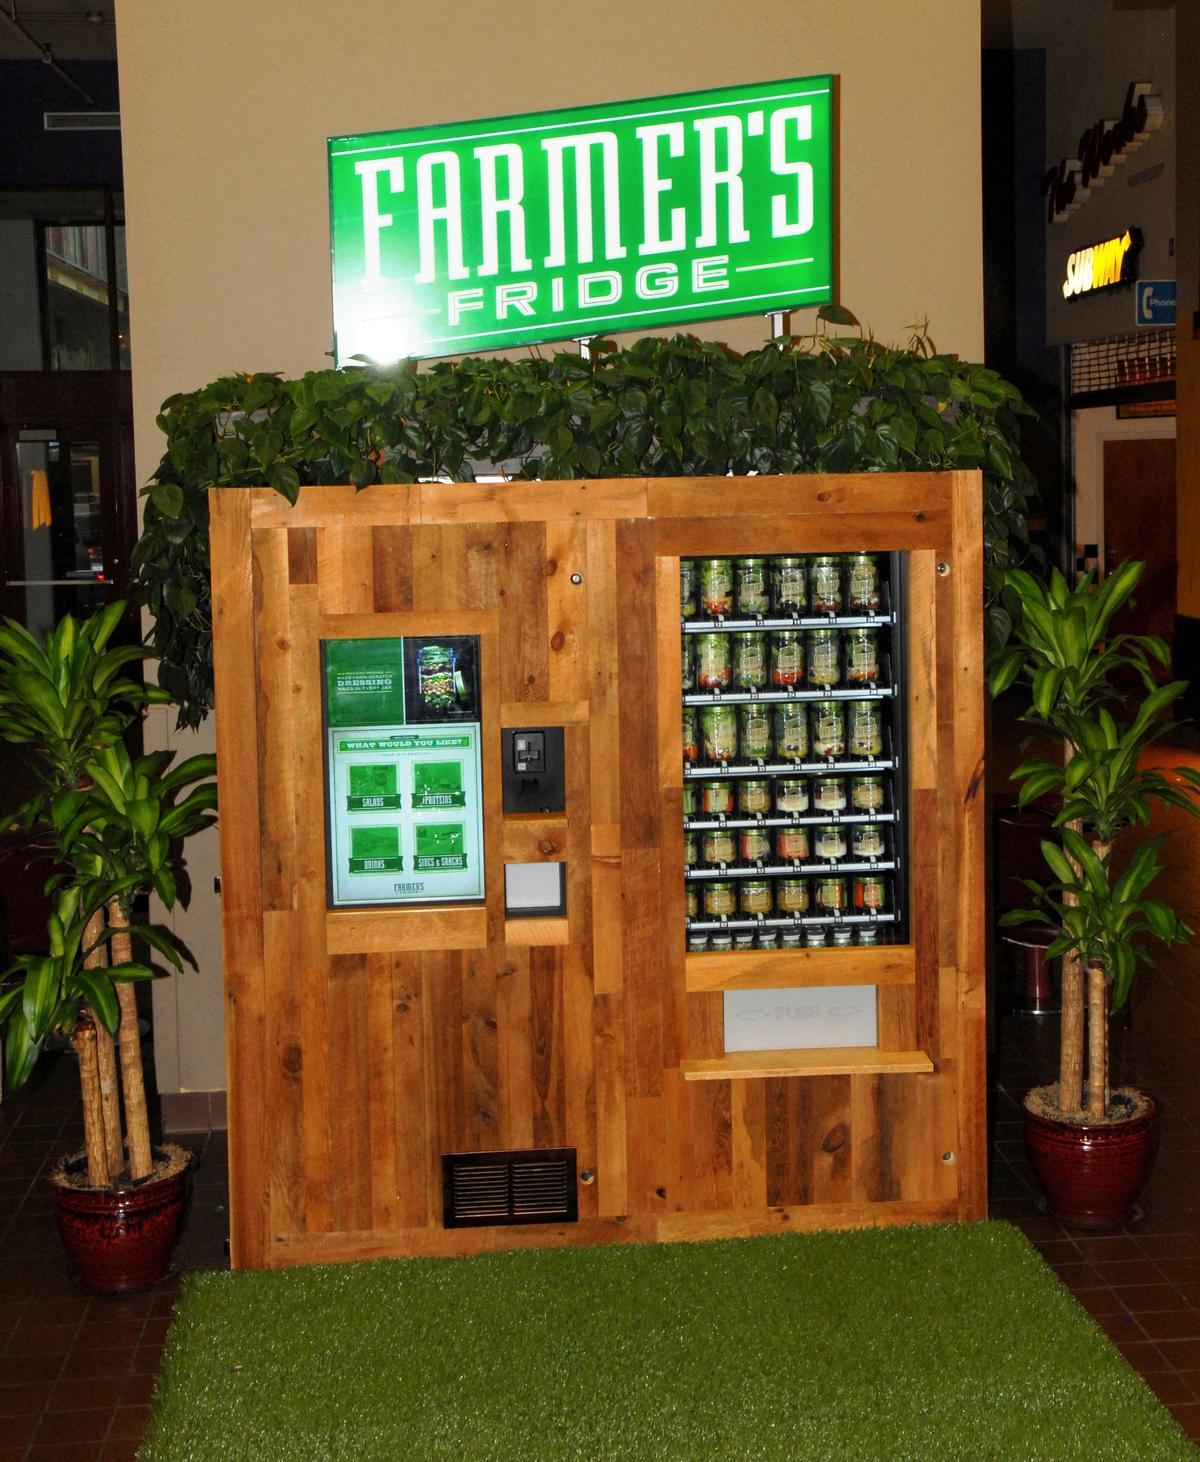 Farmer's Fridge is a healthy food kiosk